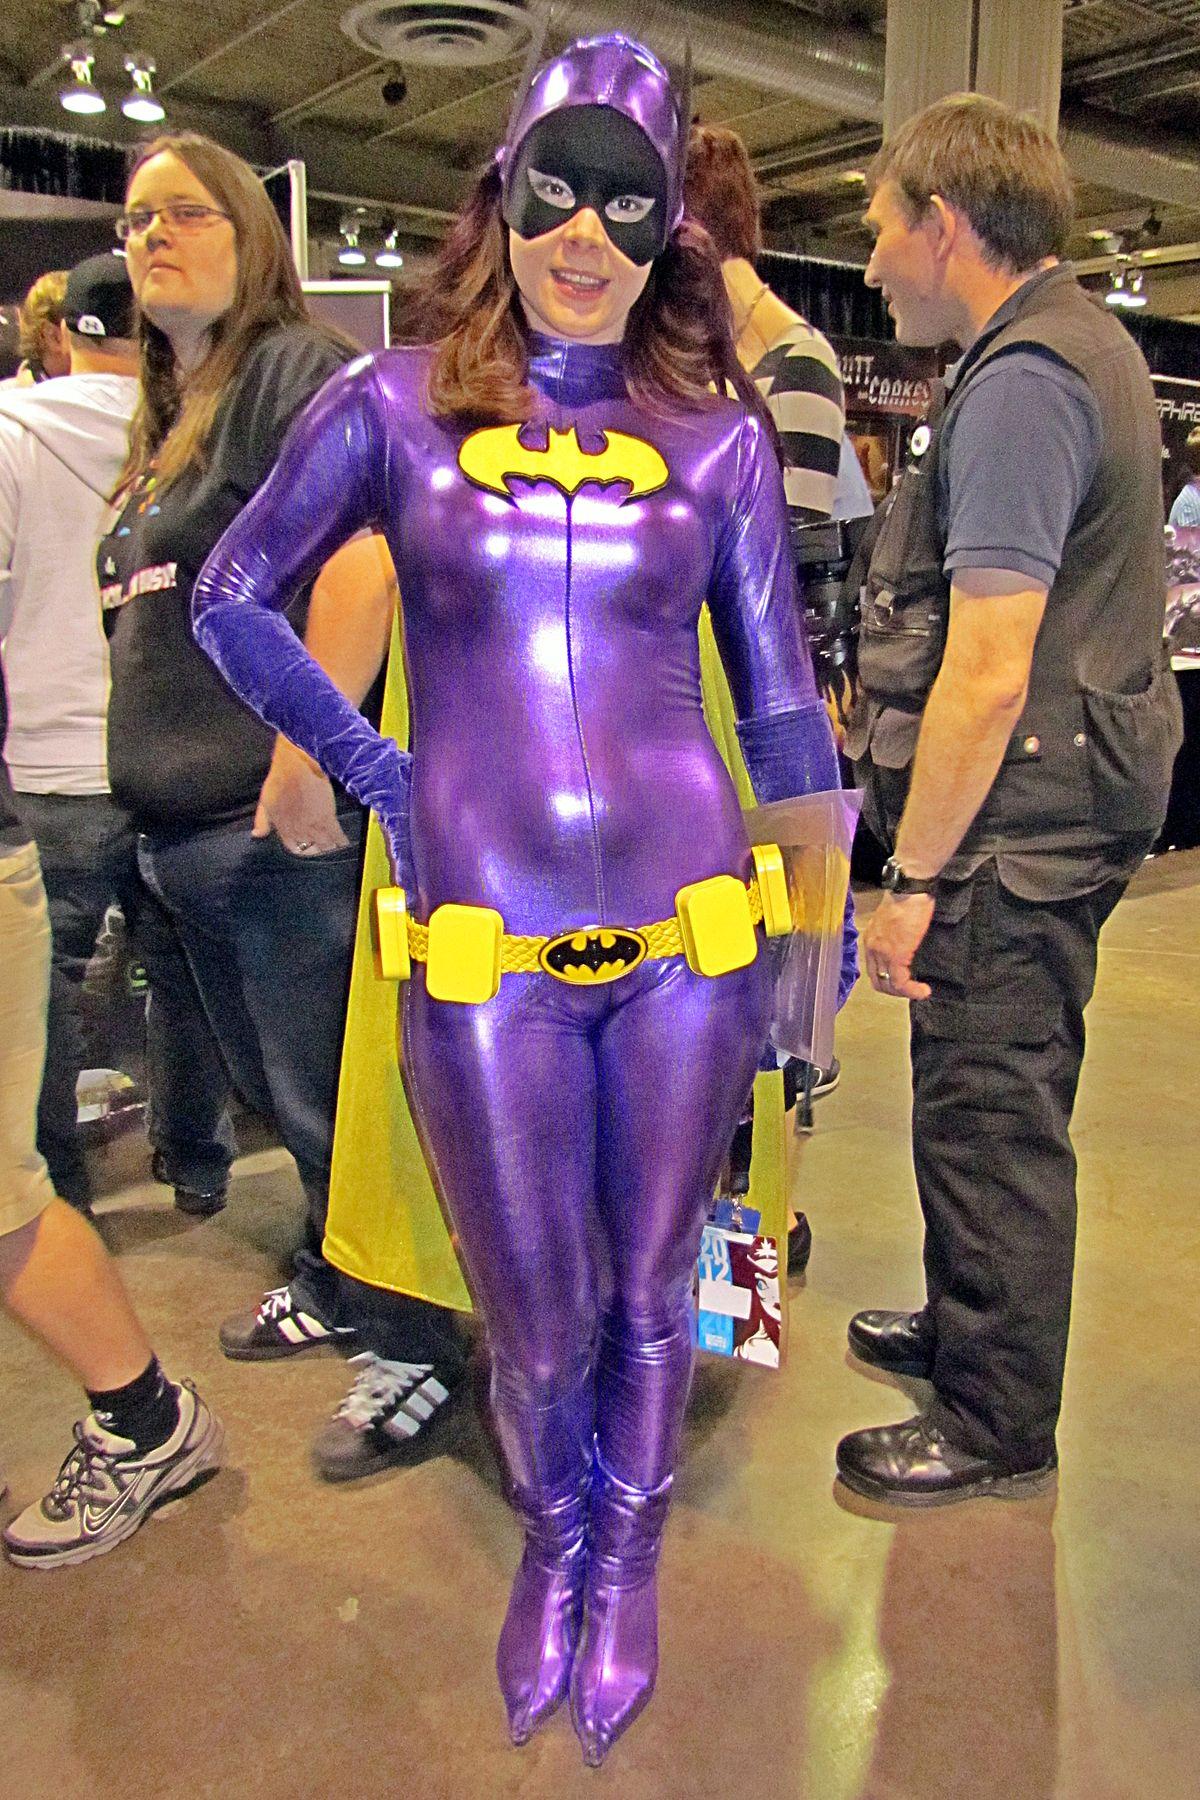 File:Batgirl cosplay.jpg - Wikimedia Commons